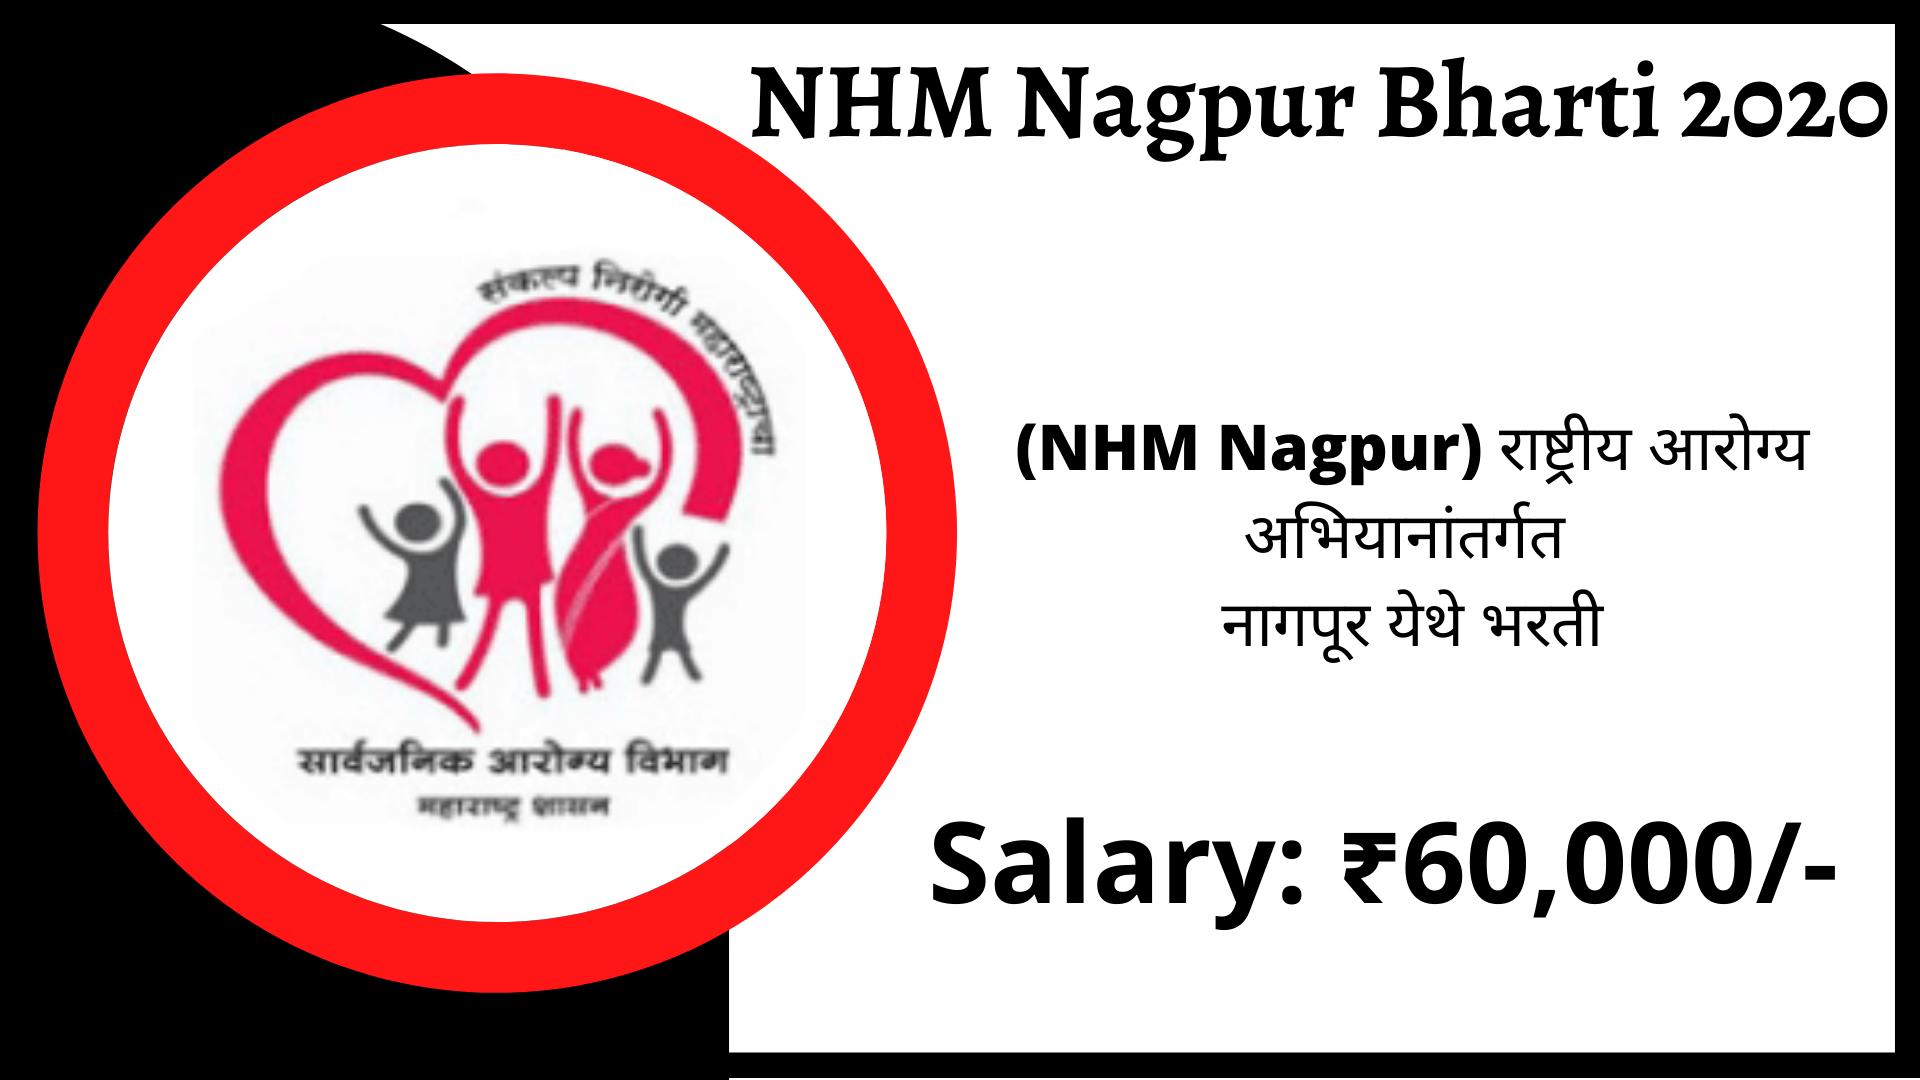 NHM Nagpur Bharti 2020 | NHM Nagpur Recruitment 2020